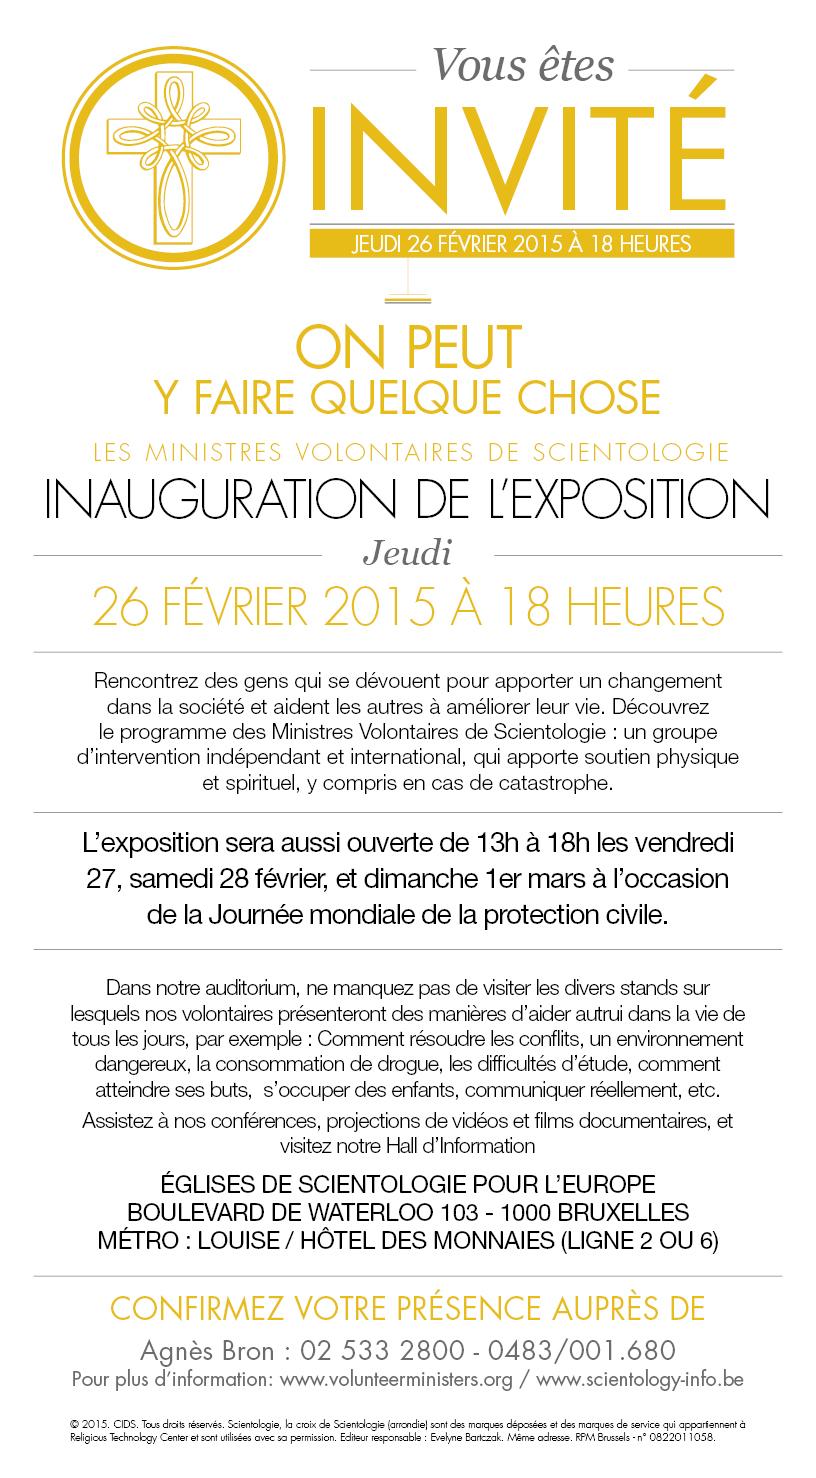 """Inauguration de l' Exposition des Minsitres Volontaires de Scientologie """"On peut y faire quelque chose"""""""